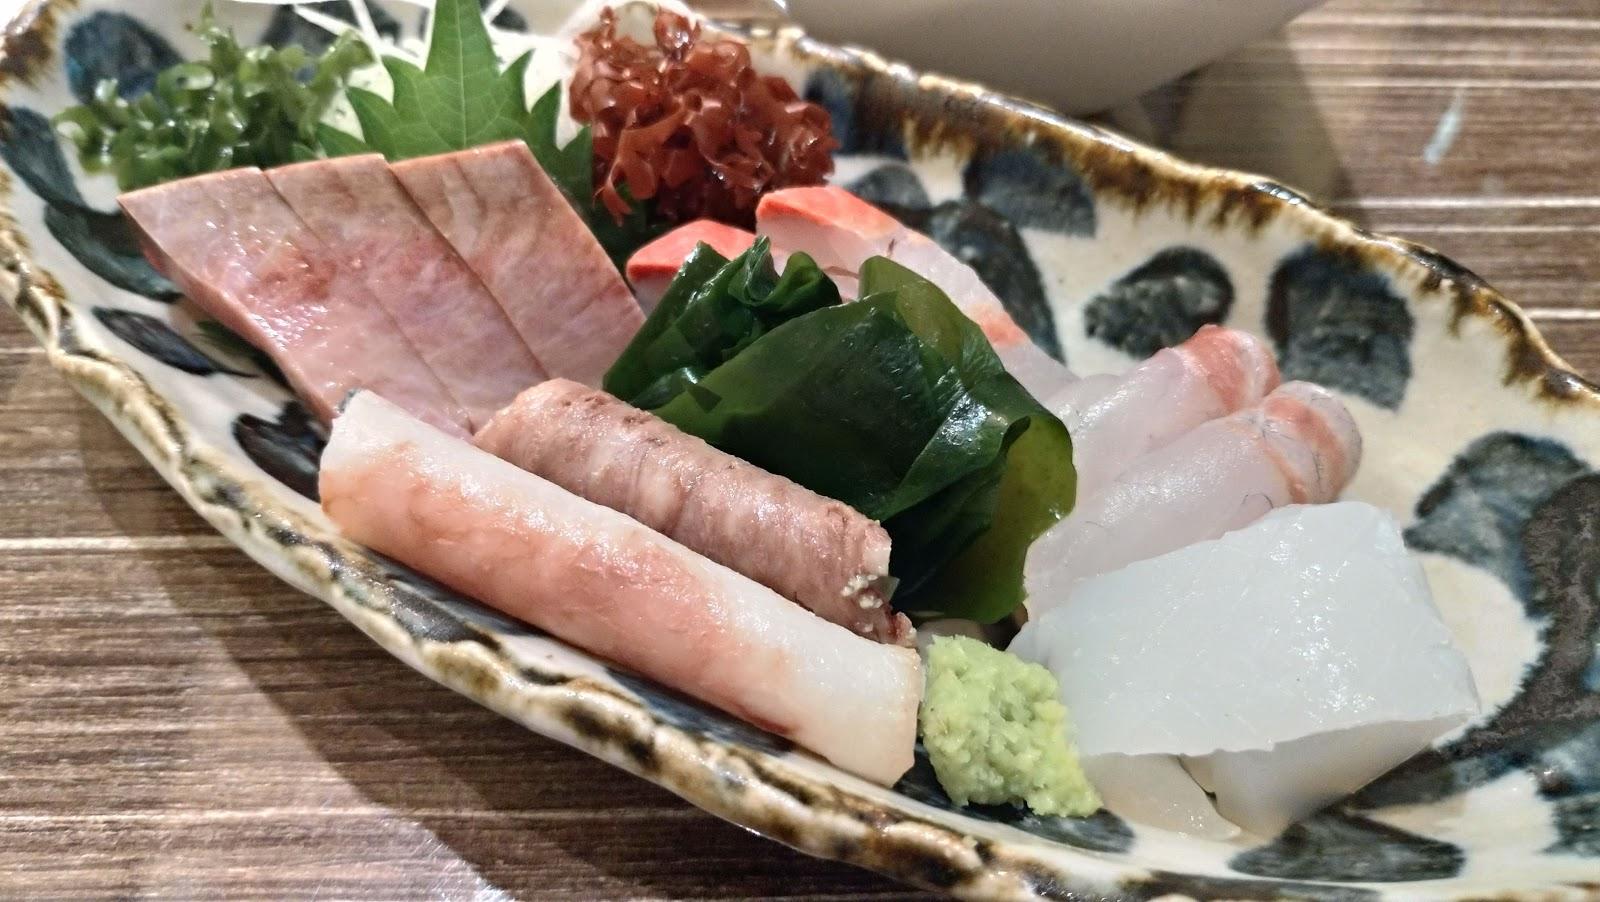 長崎市 居酒屋 海撰幸楽ダイニング 魚たつ思案橋